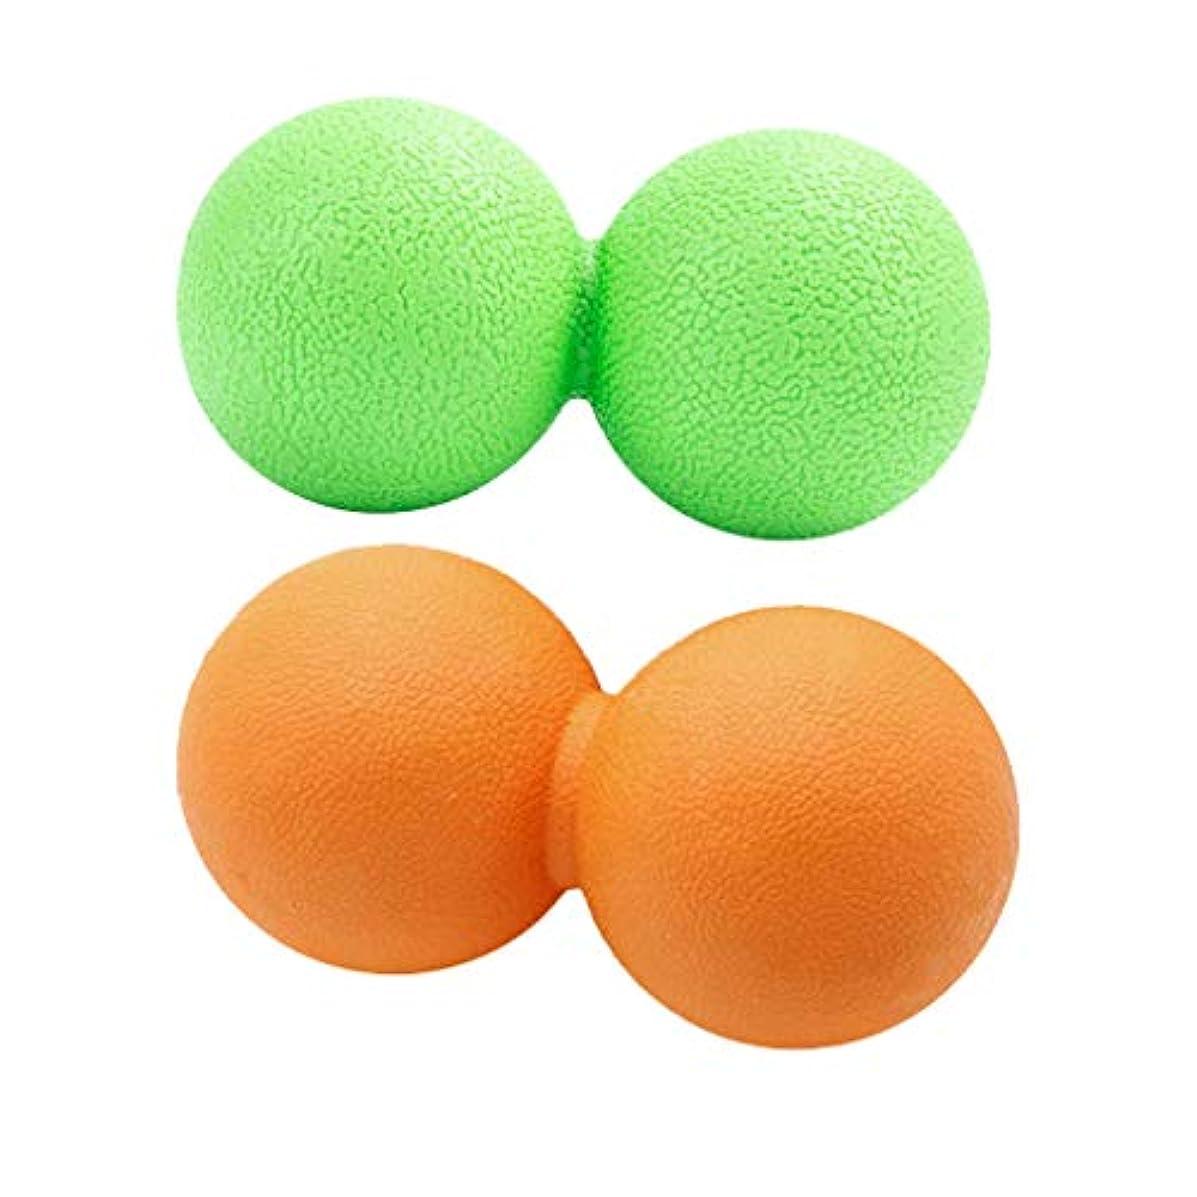 噴火カウンタ汚物F Fityle マッサージボール ピーナッツ型 筋膜リリース トリガーポイント 緊張緩和 健康グッズ 2個入